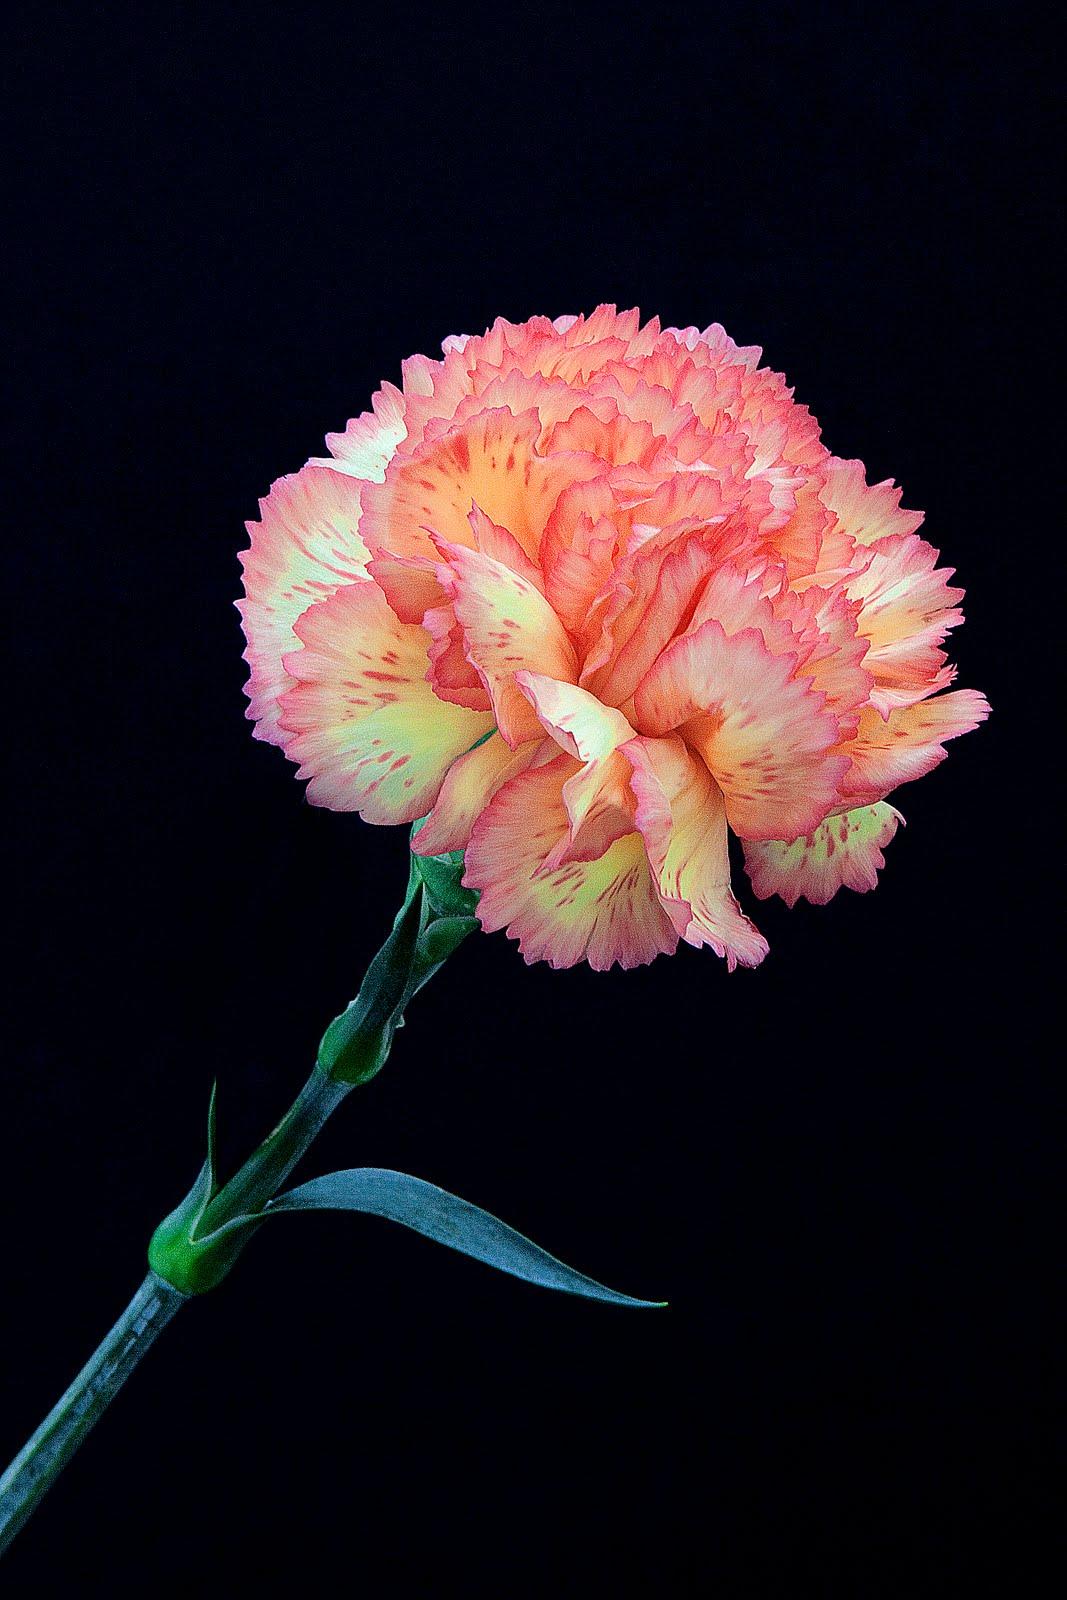 norfolk images gallery carnation dianthus caryophyllus. Black Bedroom Furniture Sets. Home Design Ideas